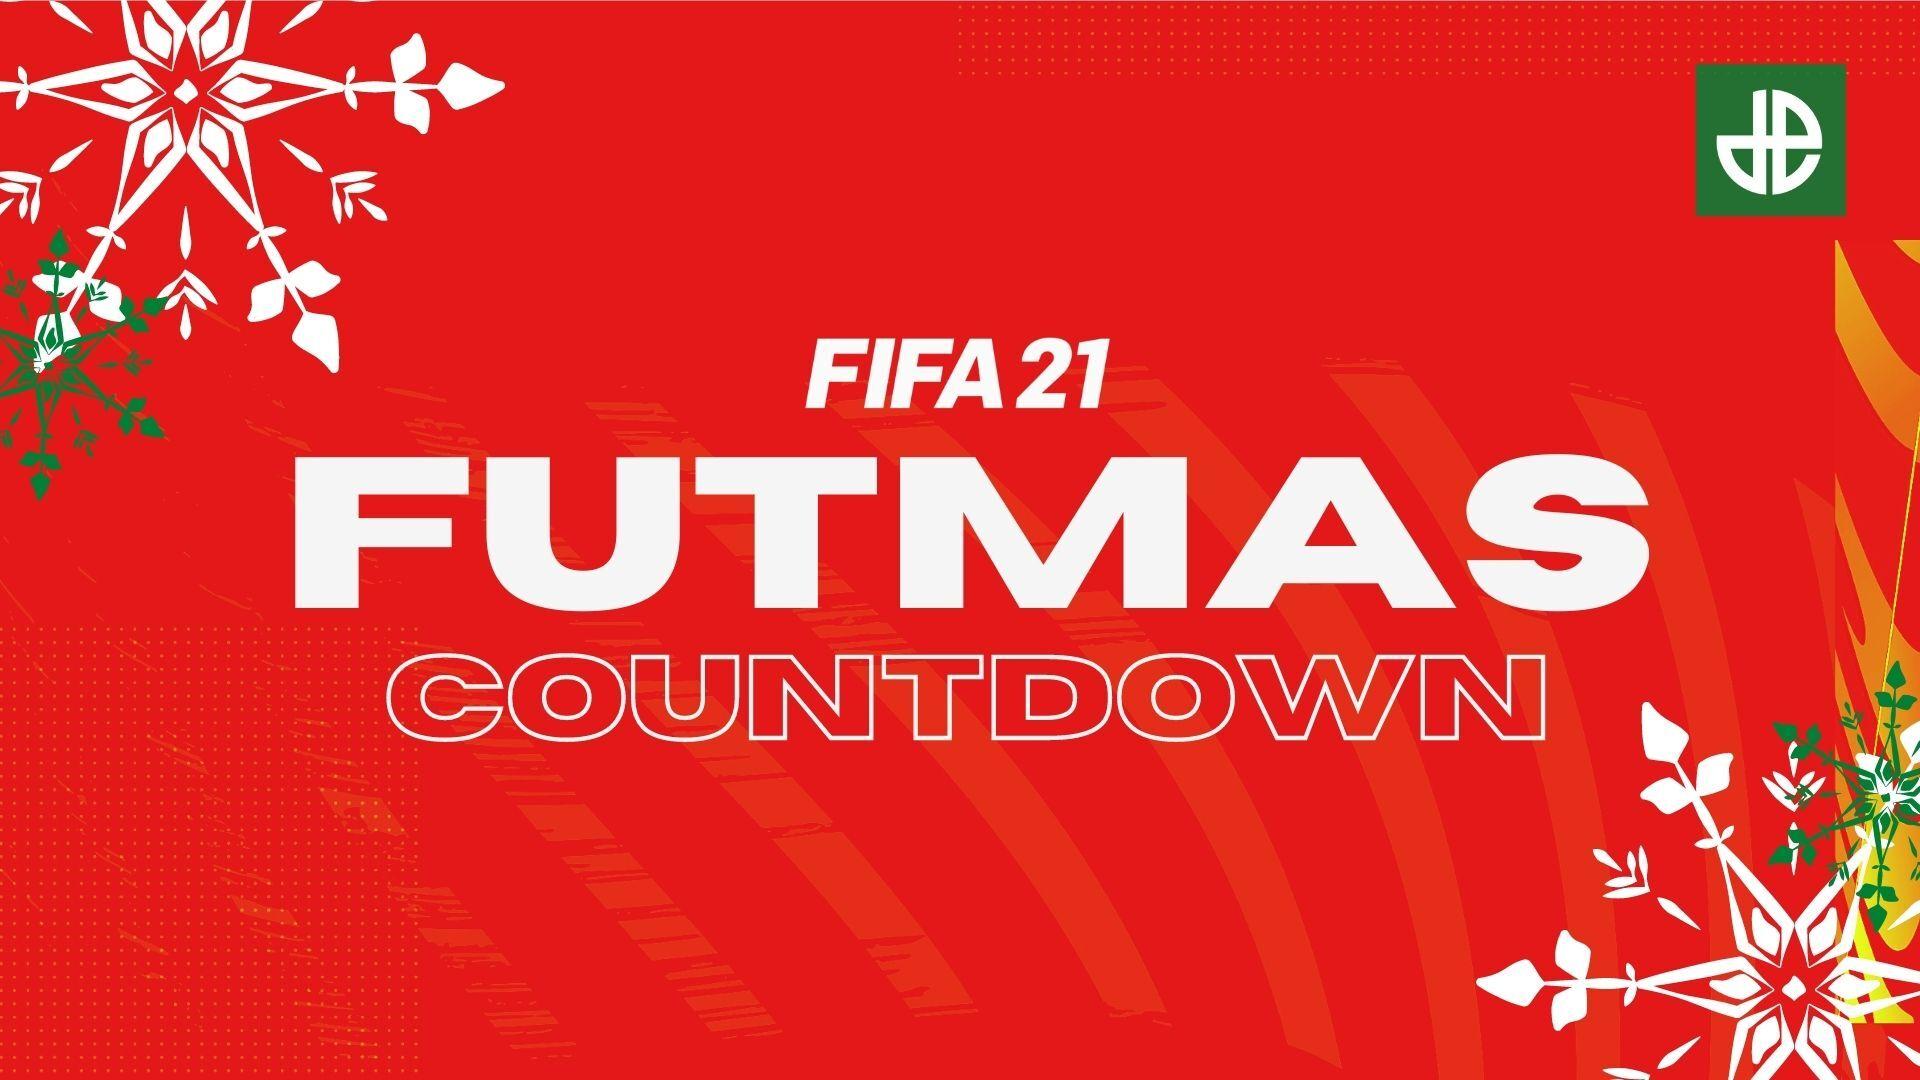 FUTMAS logo for FIFA 21